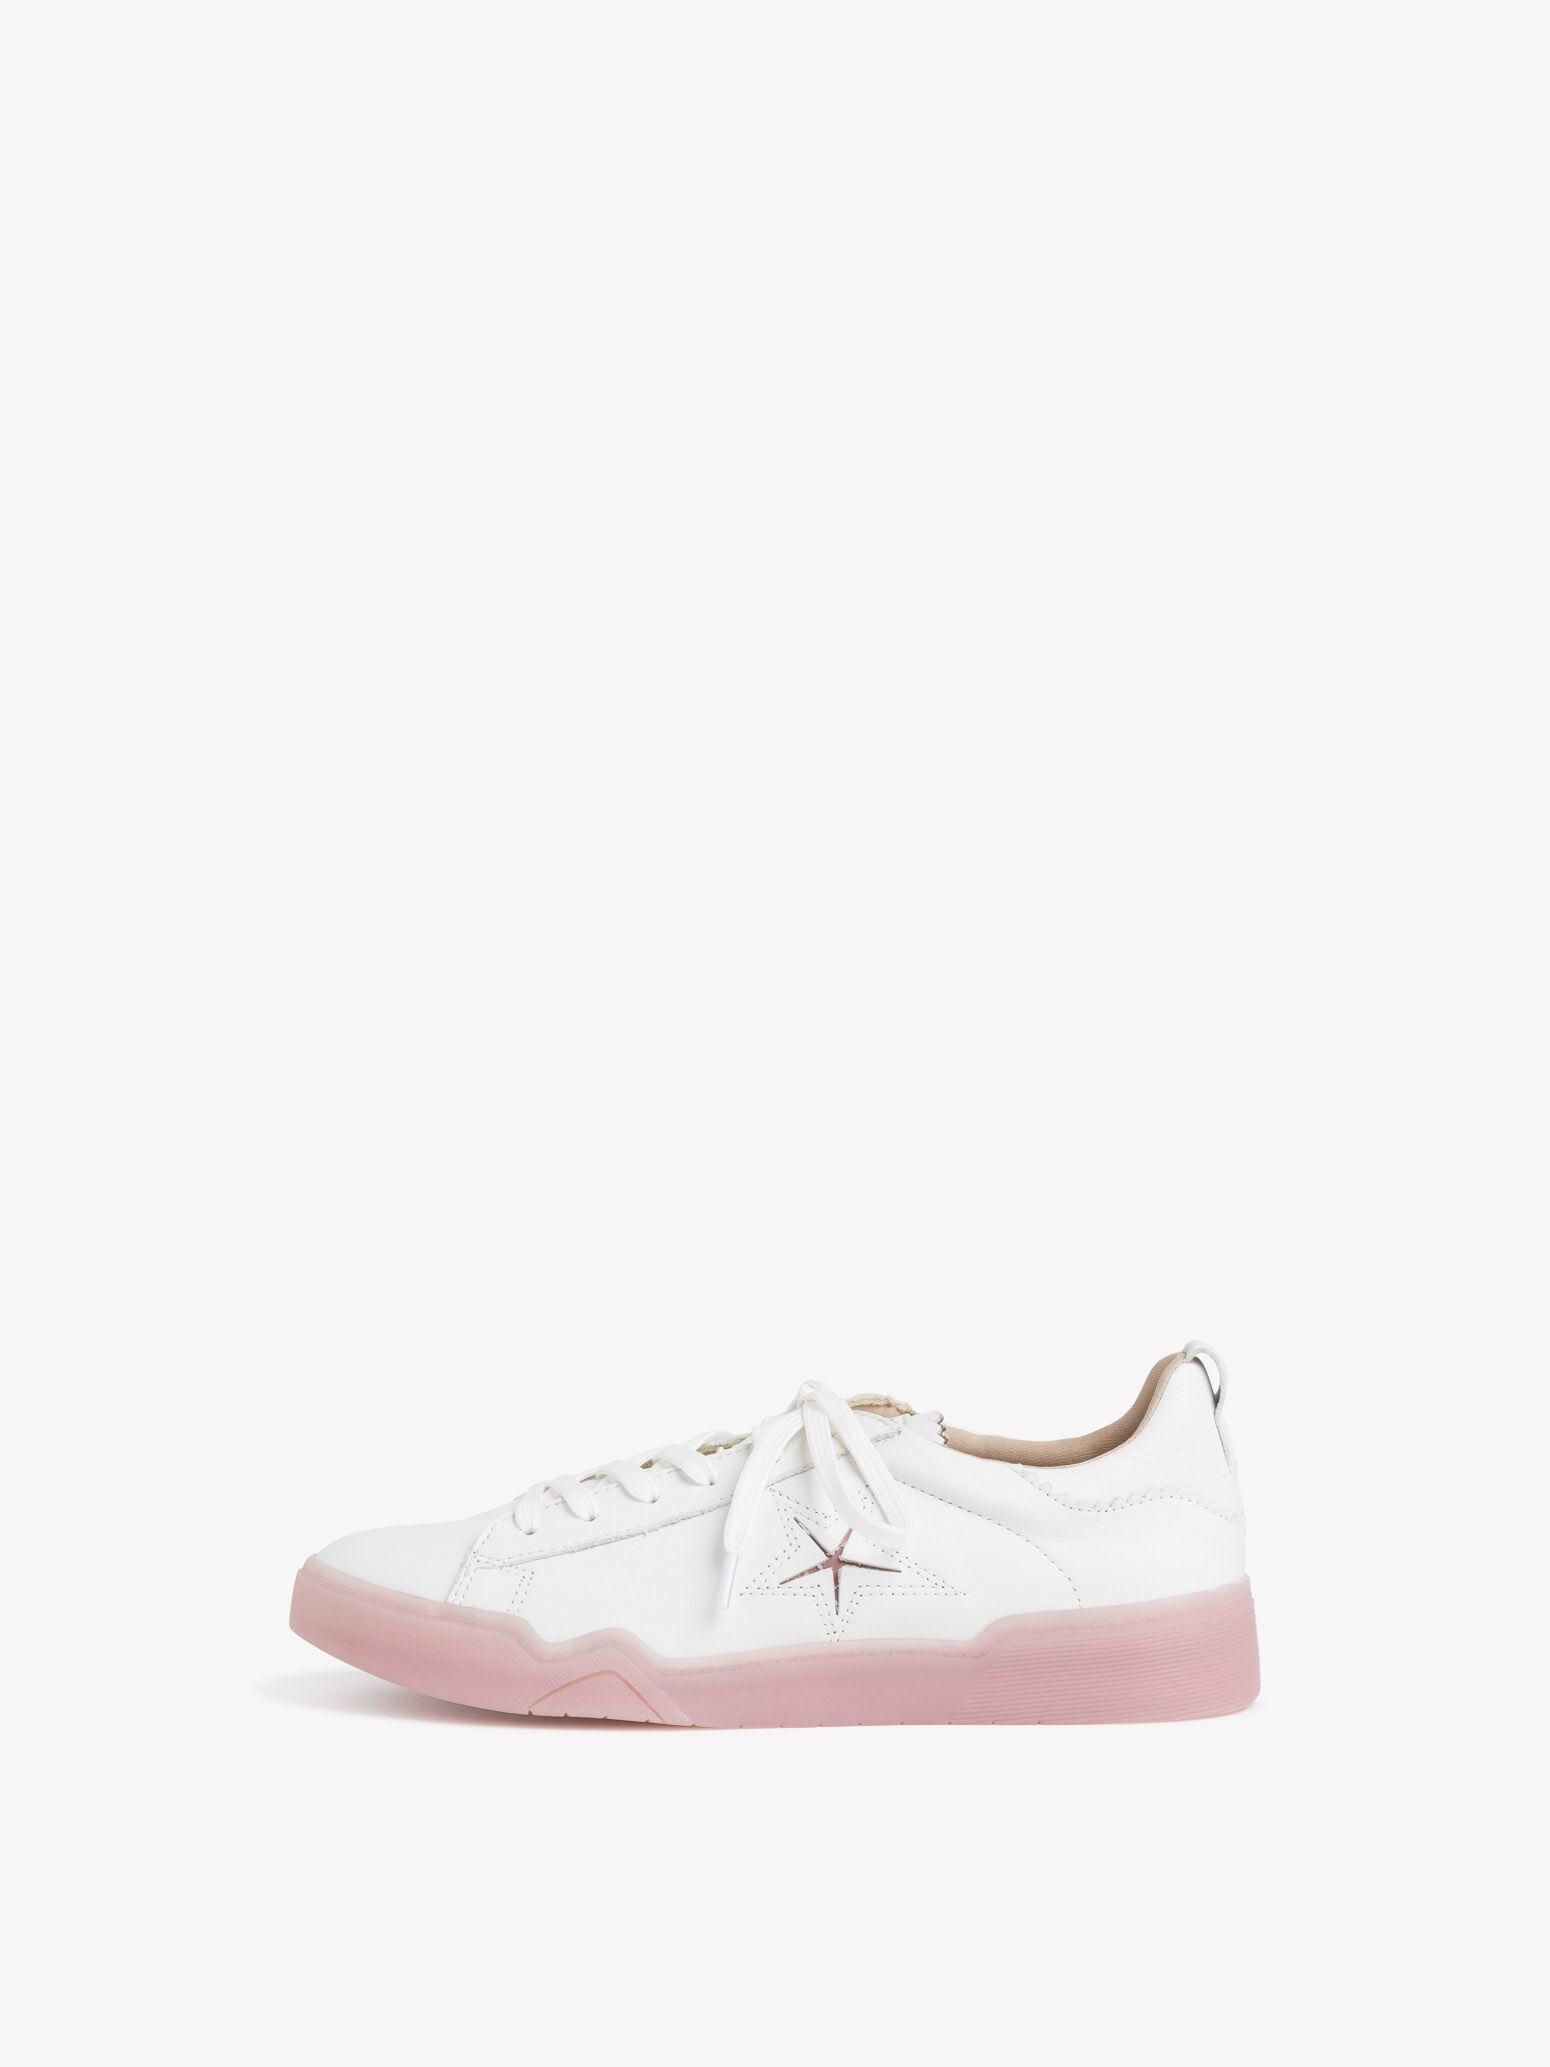 Tamaris 23754 24 Sneaker White